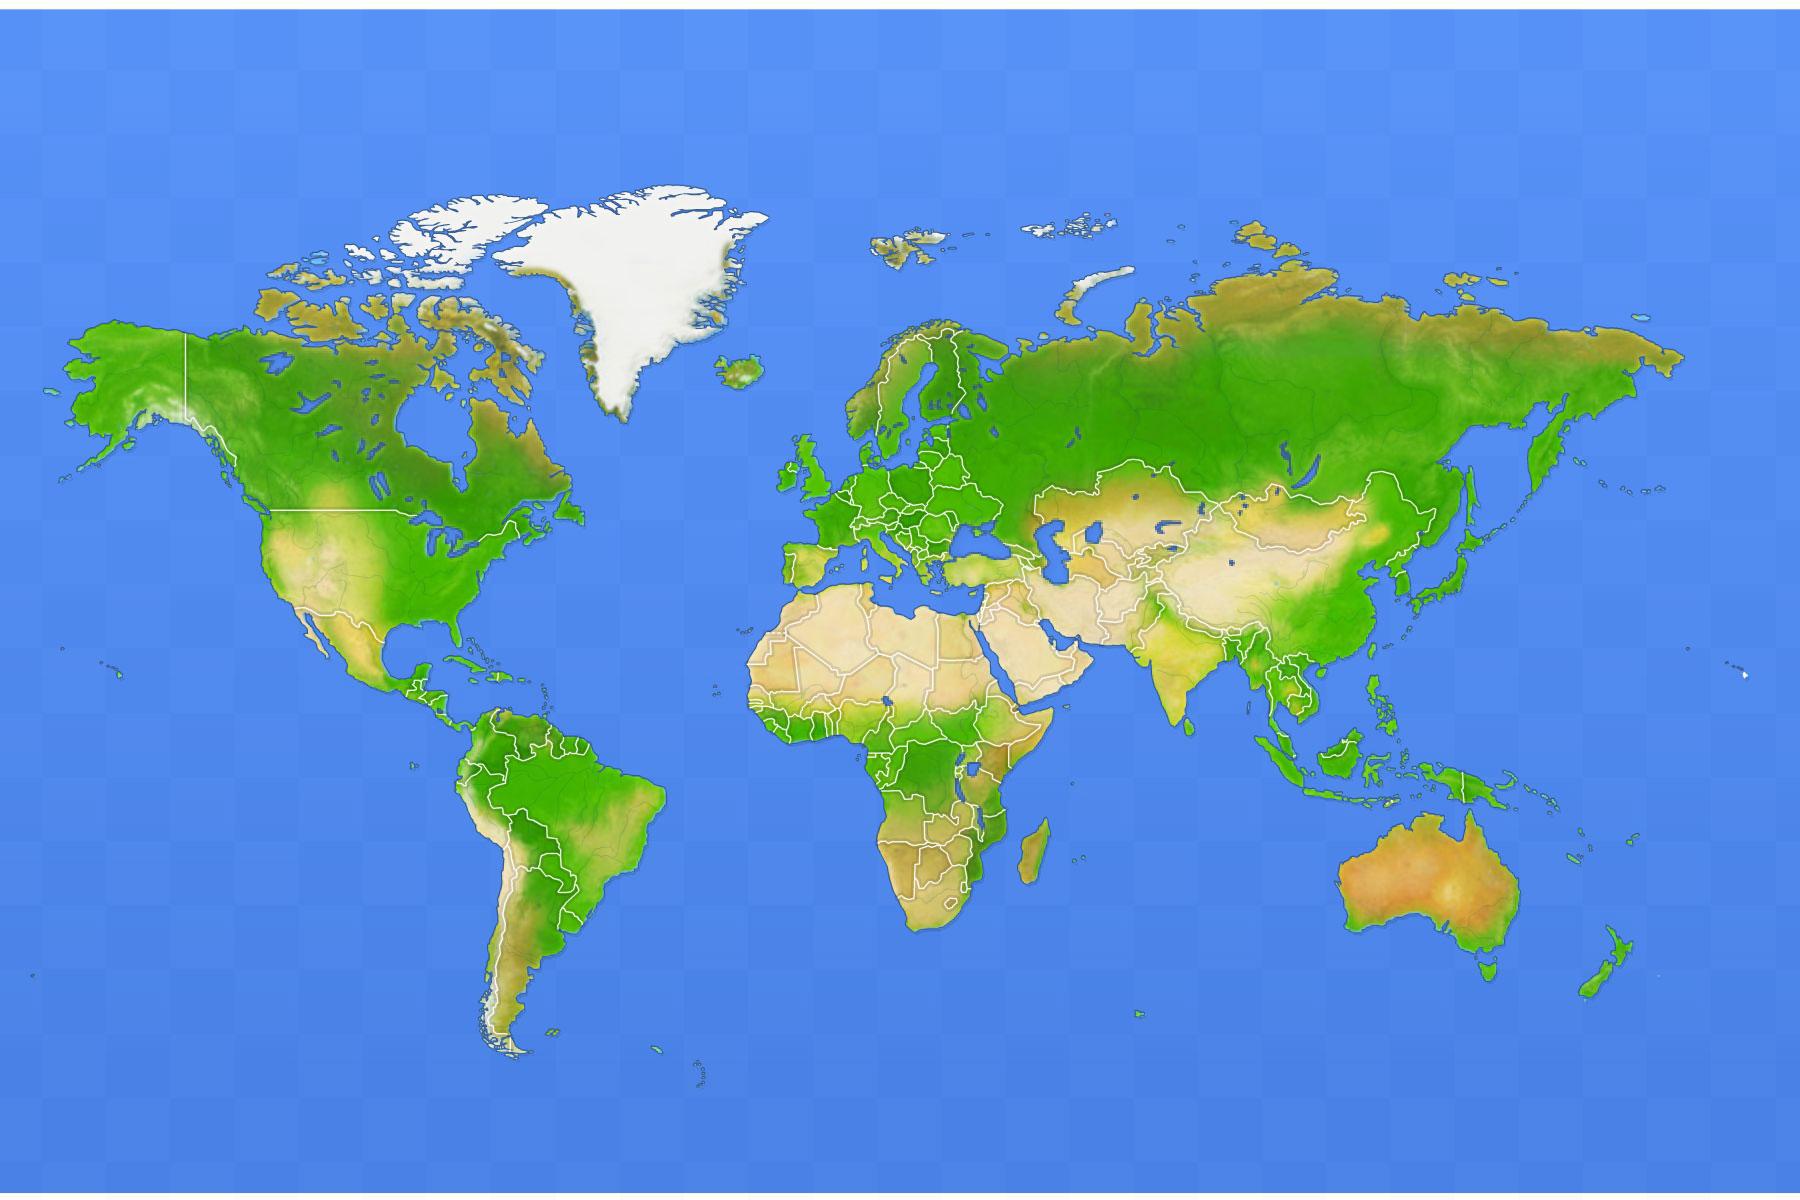 Jeux-Geographiques Jeux Gratuits Jeu Villes Du Monde Junior serapportantà Jeux Geographie